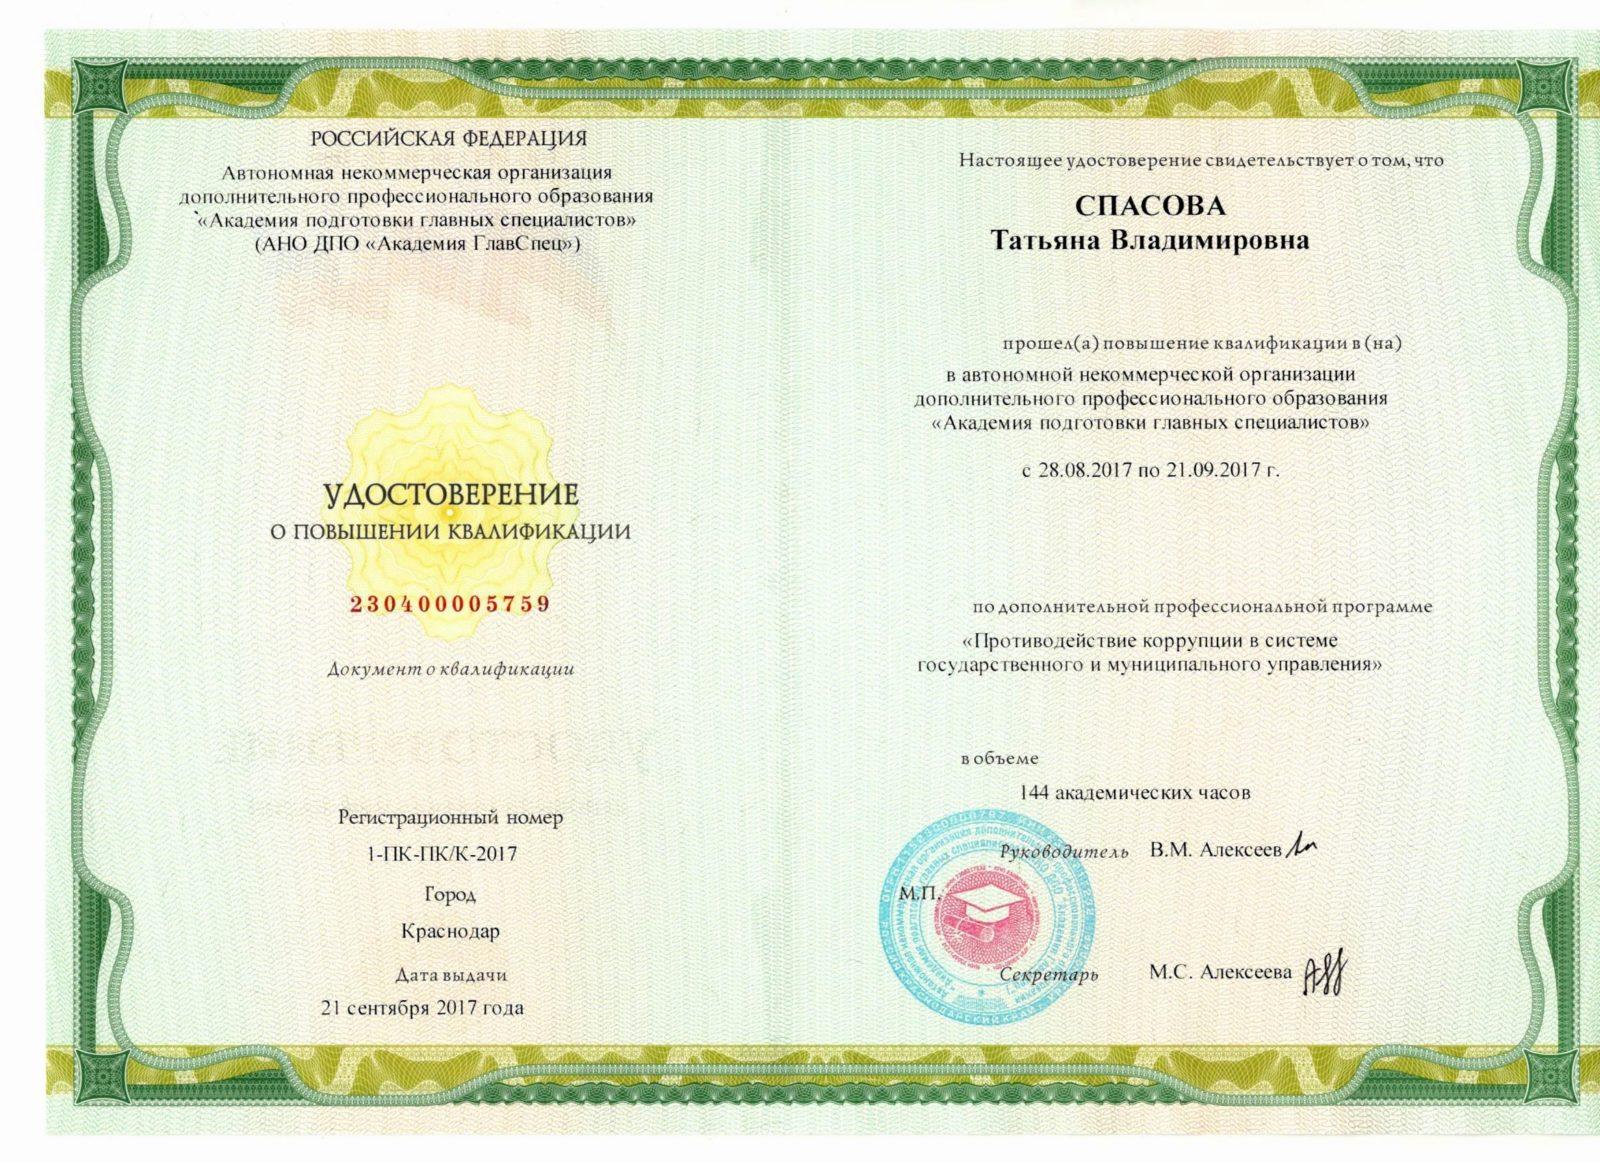 Удостоверение - Спасова